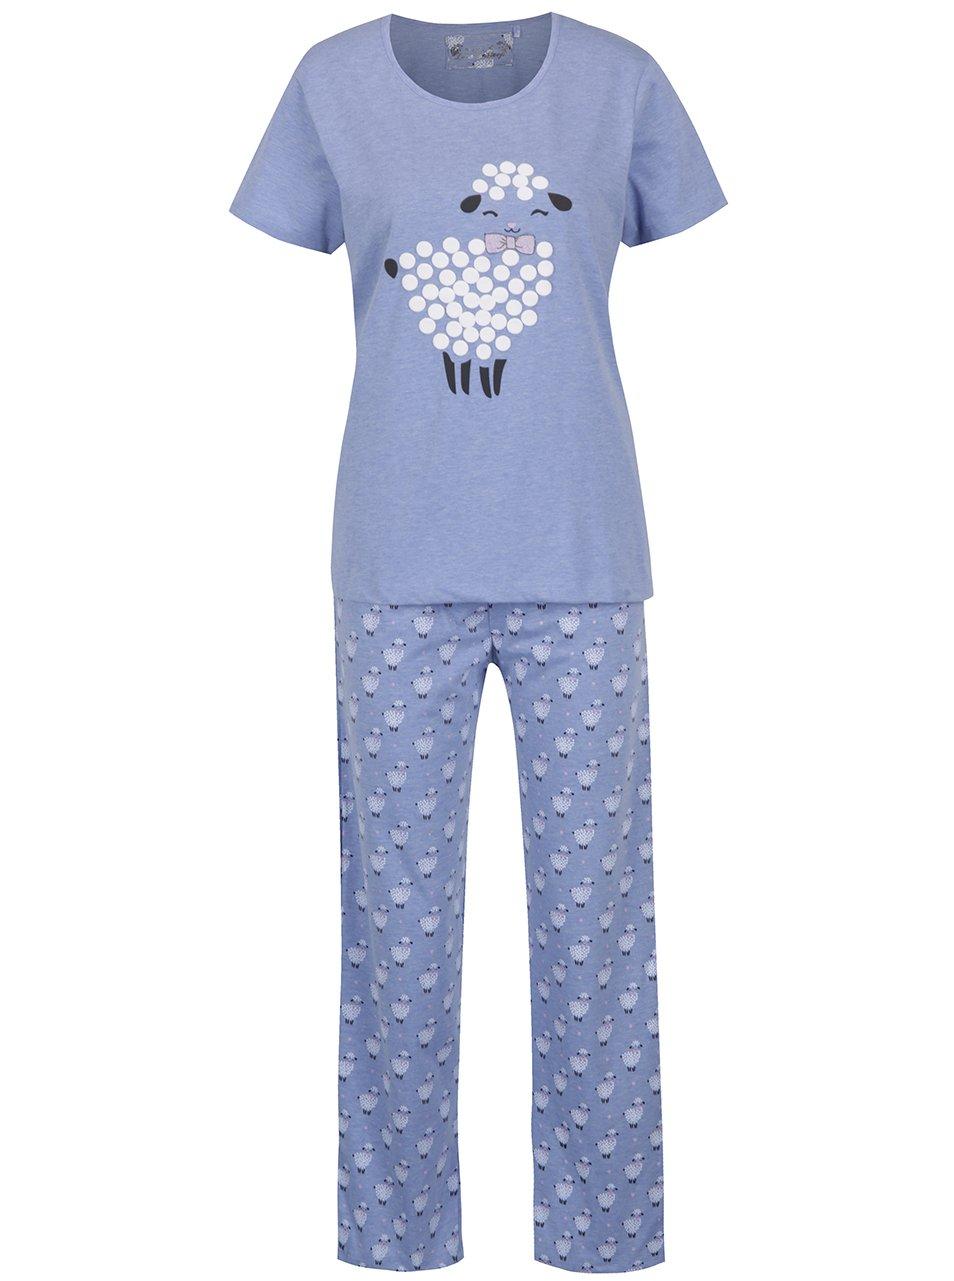 Modré žíhané dámské pyžamo s potiskem oveček M&Co